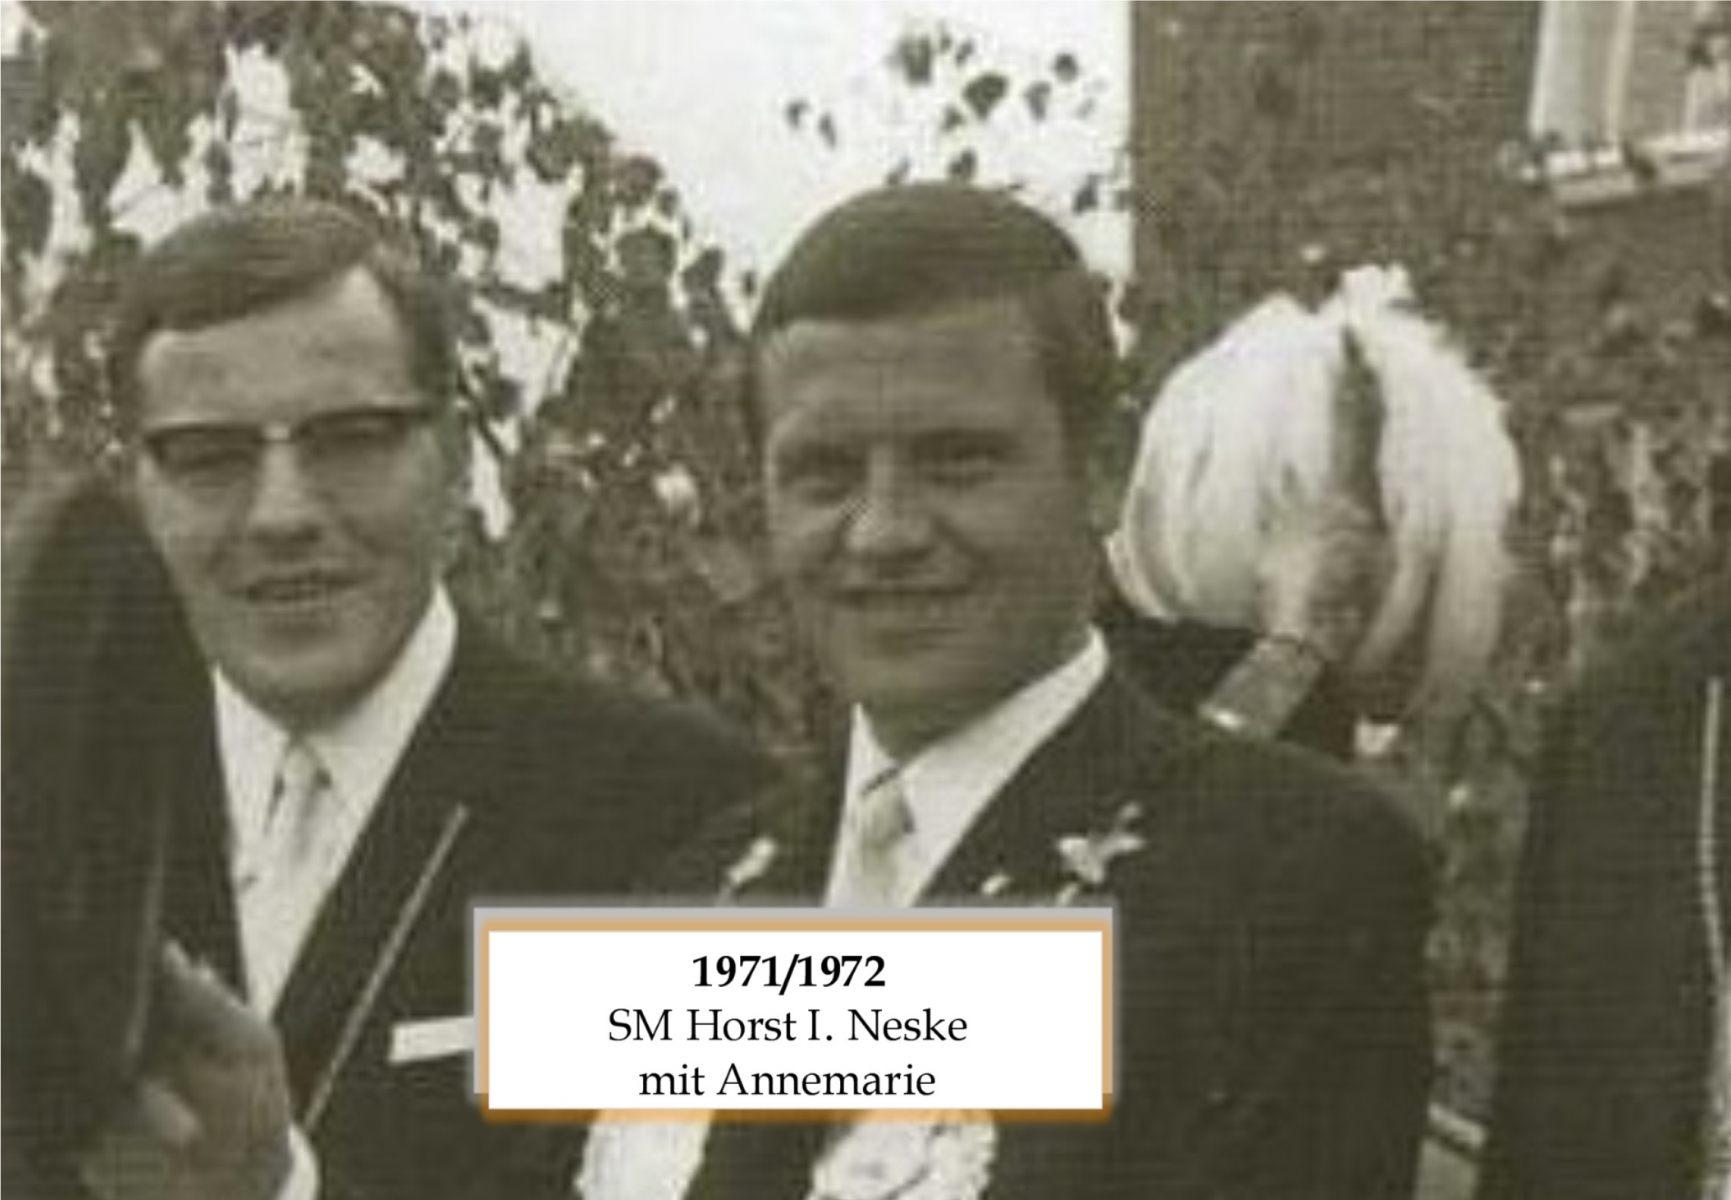 SM 1971/72 HorstI Neske mit Annemarie